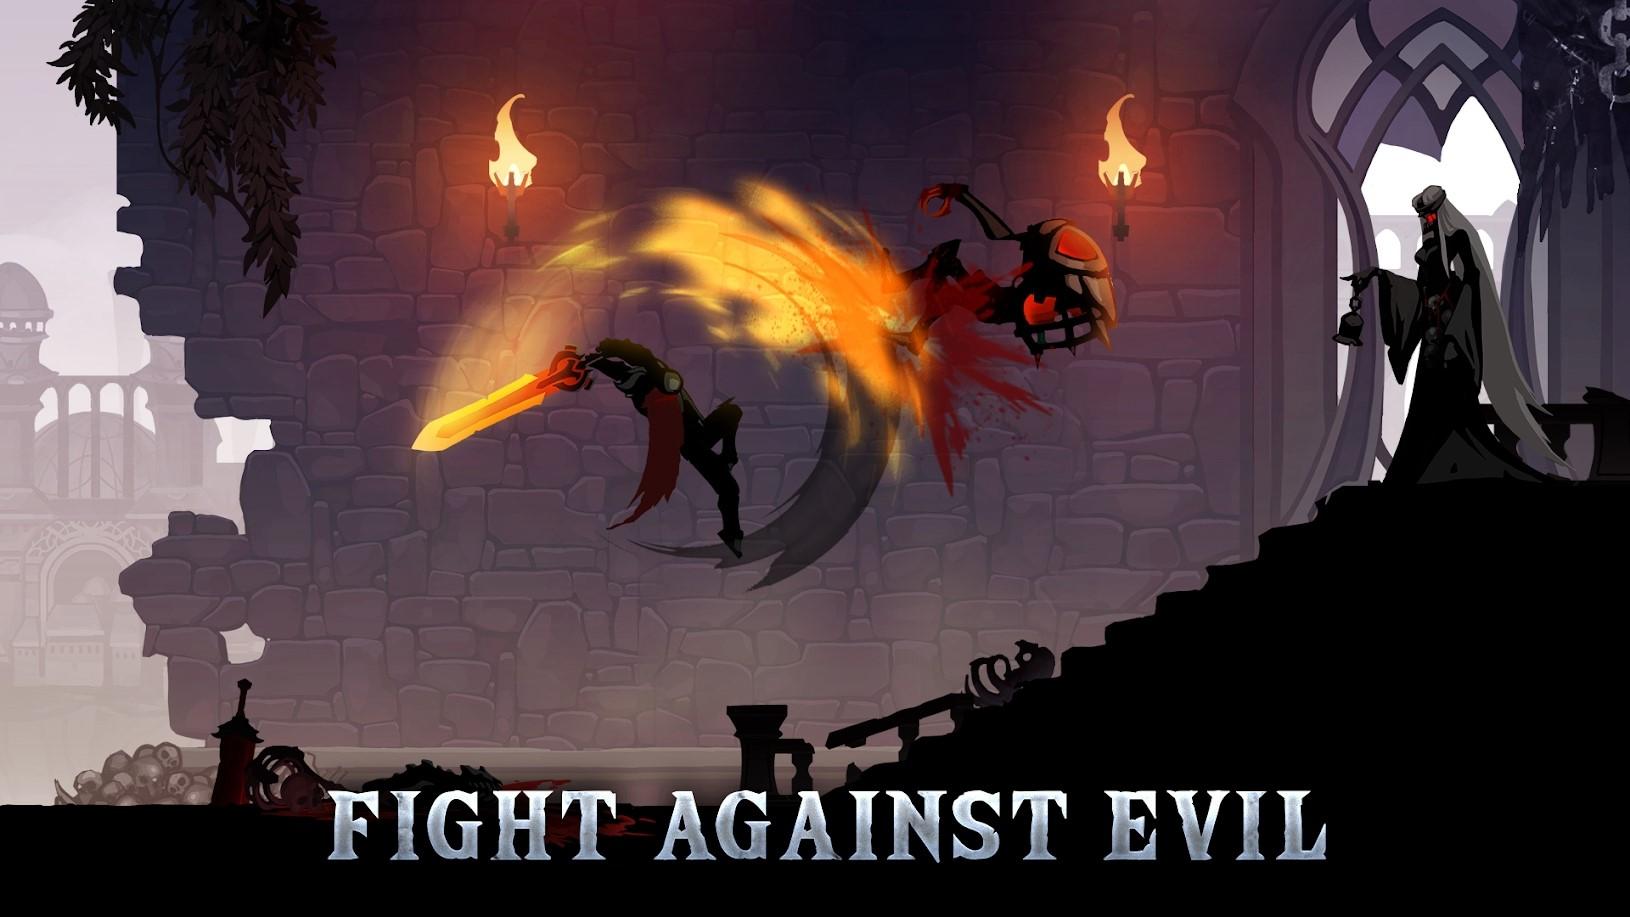 暗影骑士绝命旅途手游游戏截图